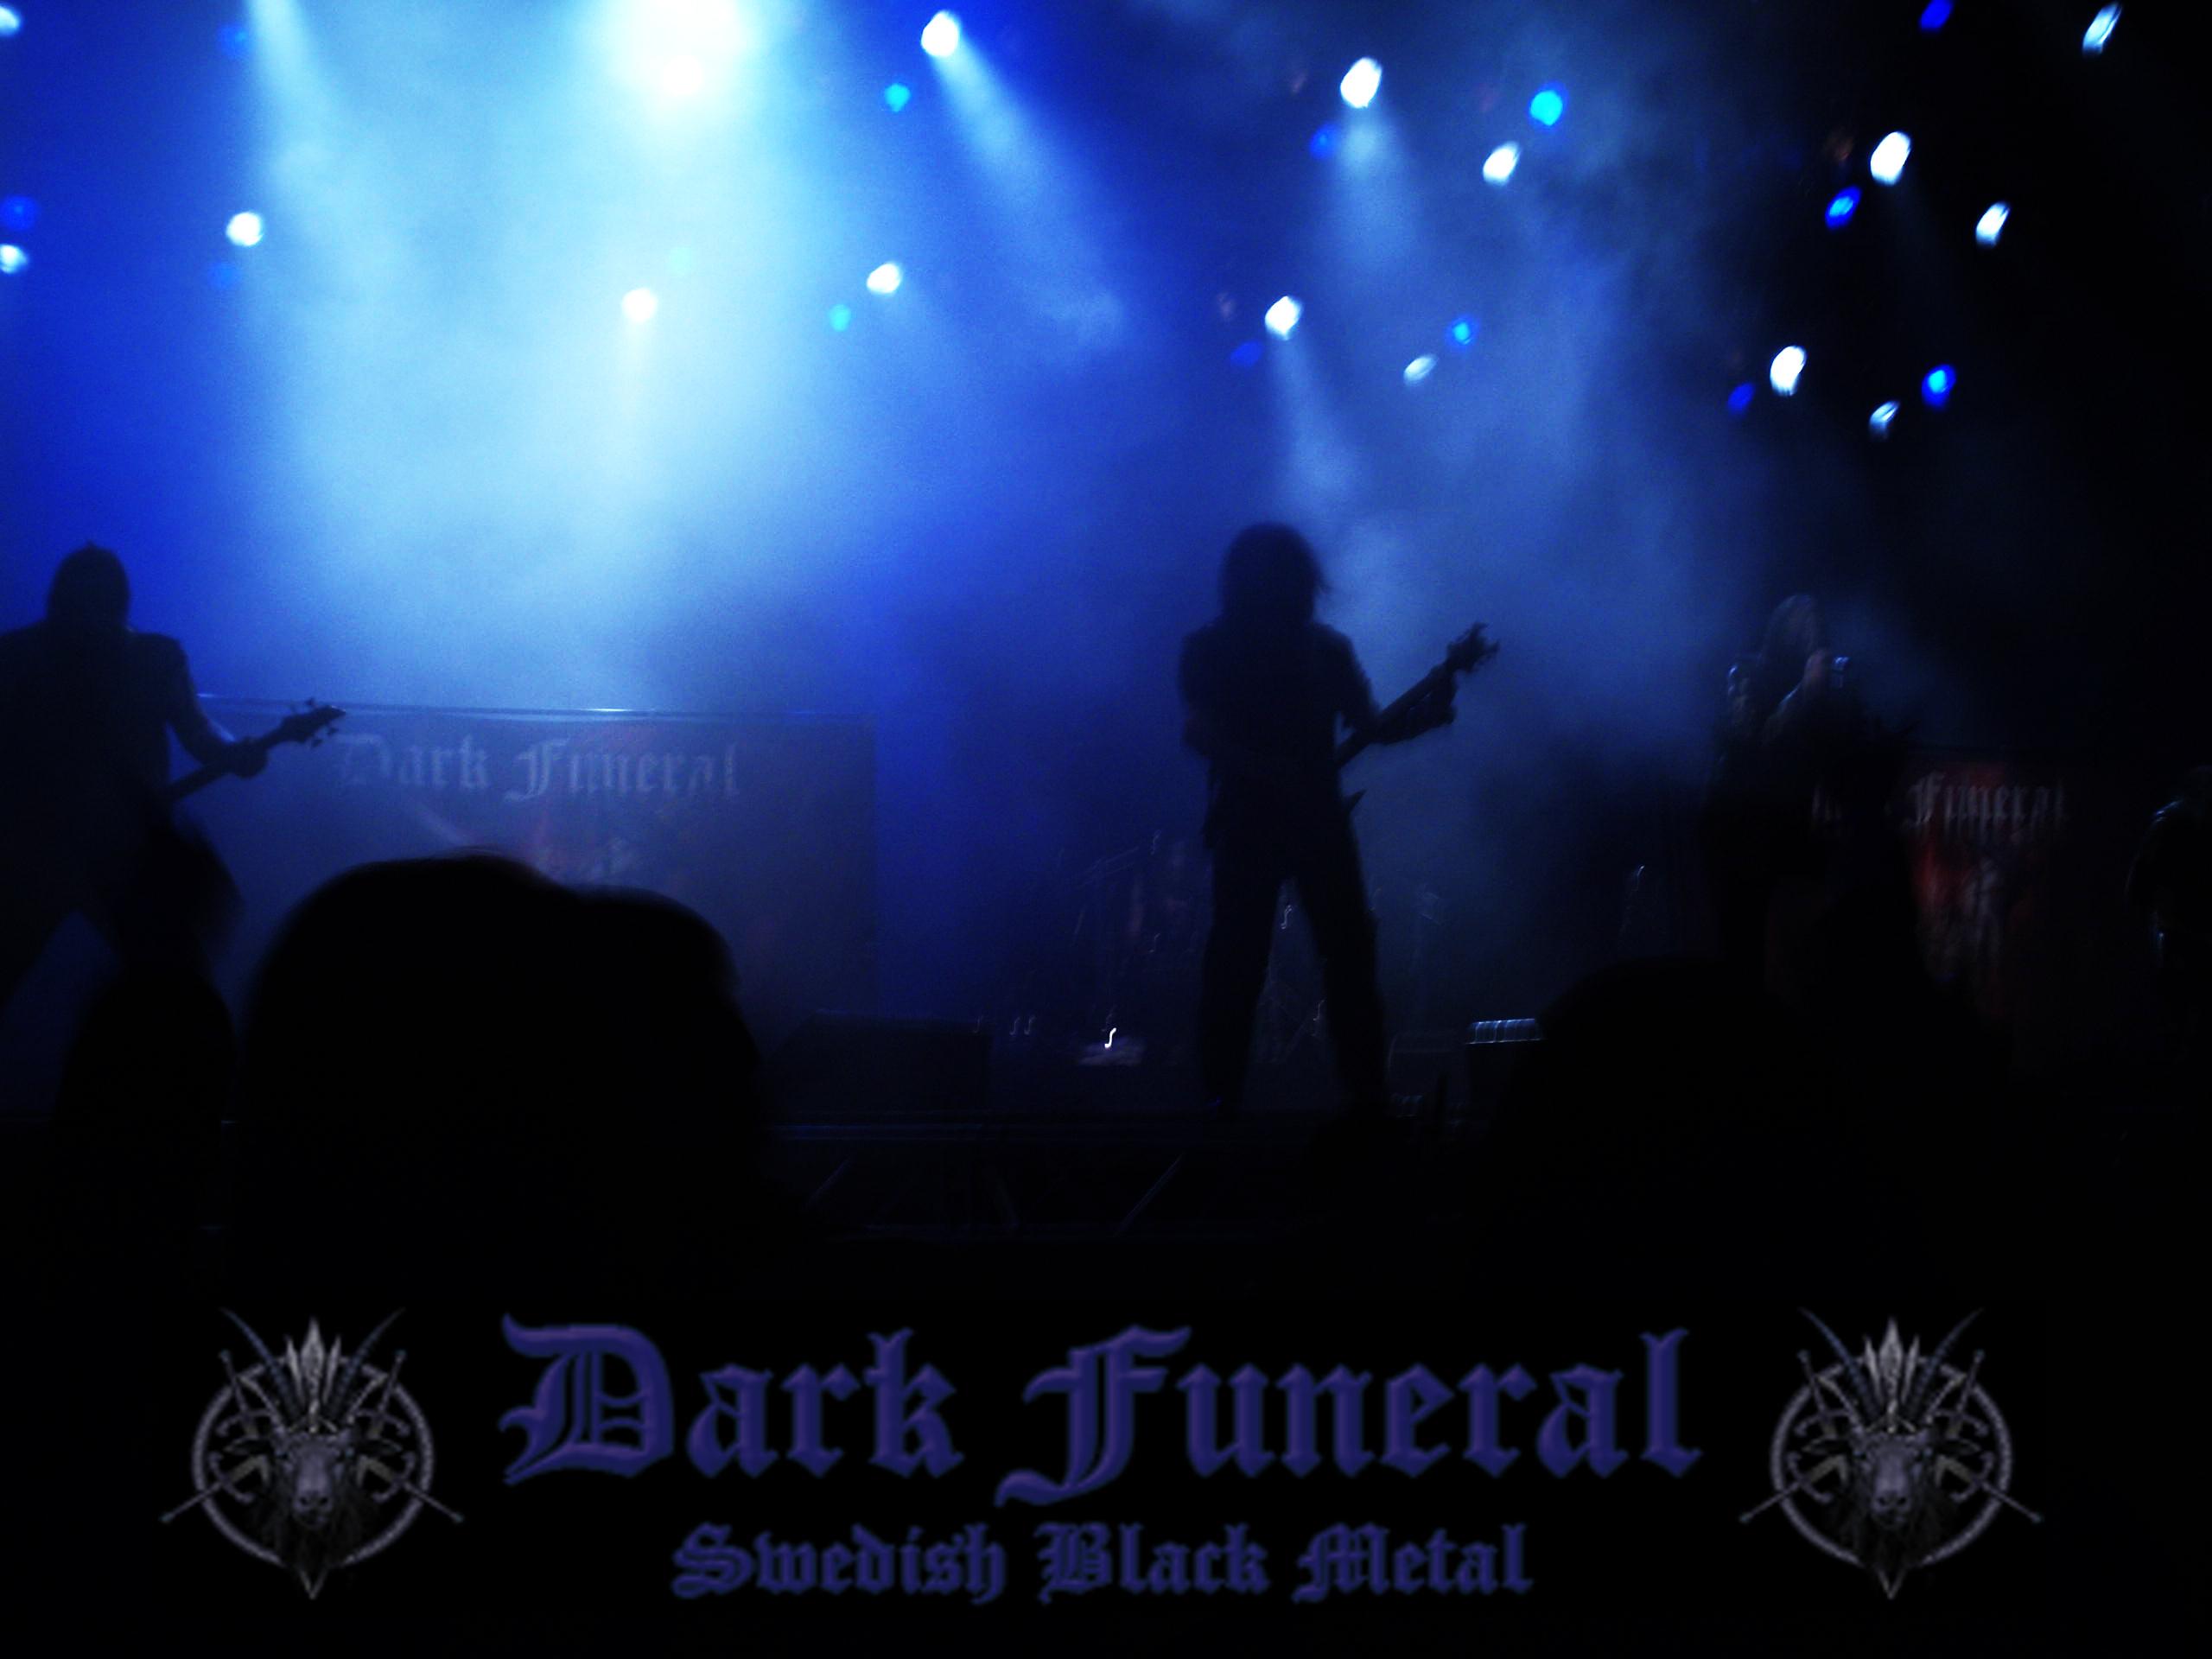 dark funeral imagenes